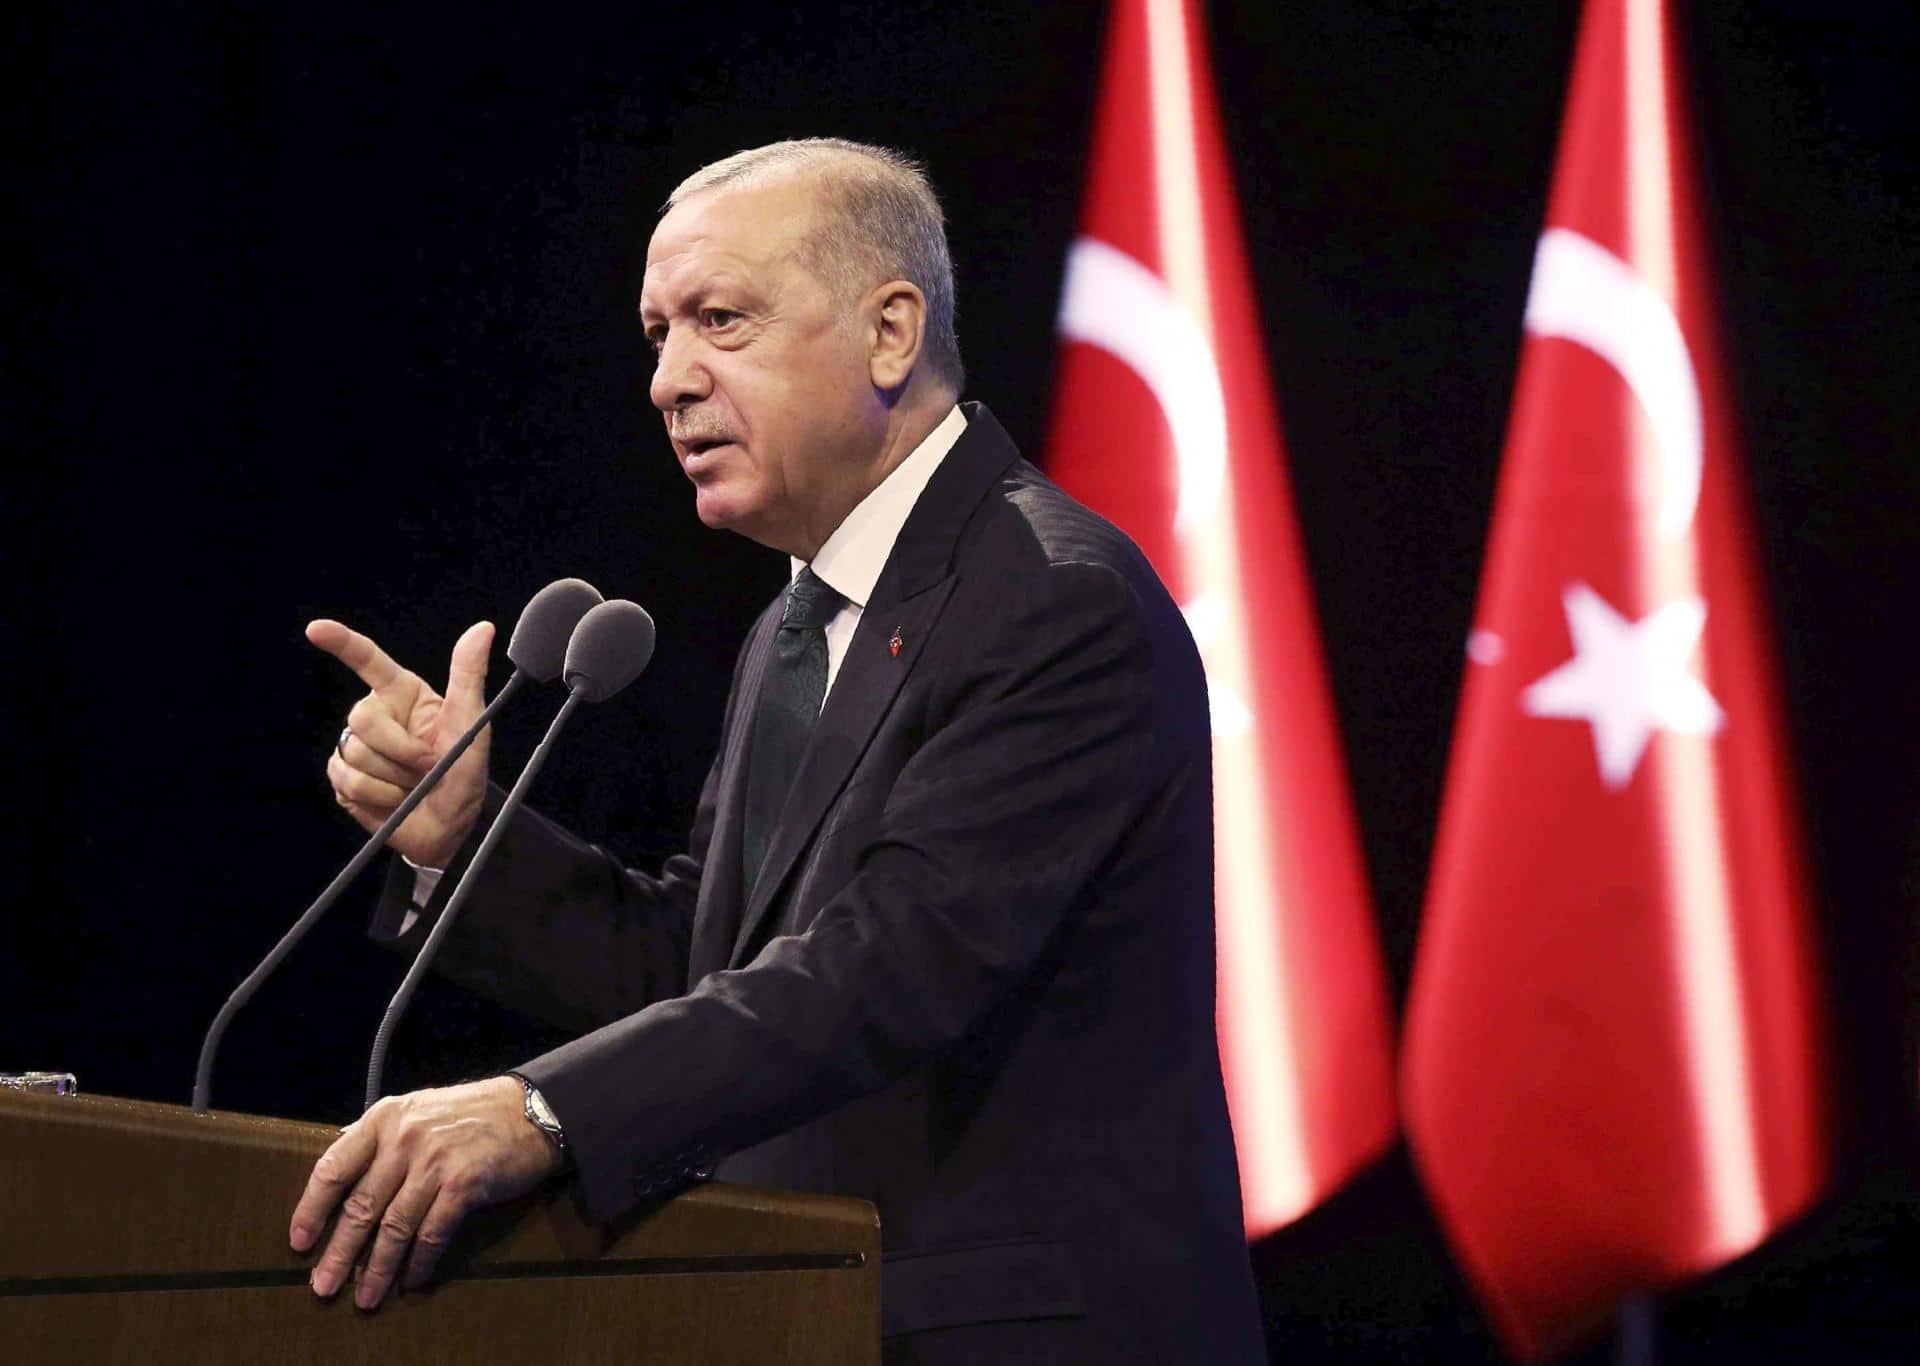 """هذا ما طلبه محمد بن سلمان من تركيا ووصفه أردوغان بأنه أمر """"غريب ومحير""""!"""